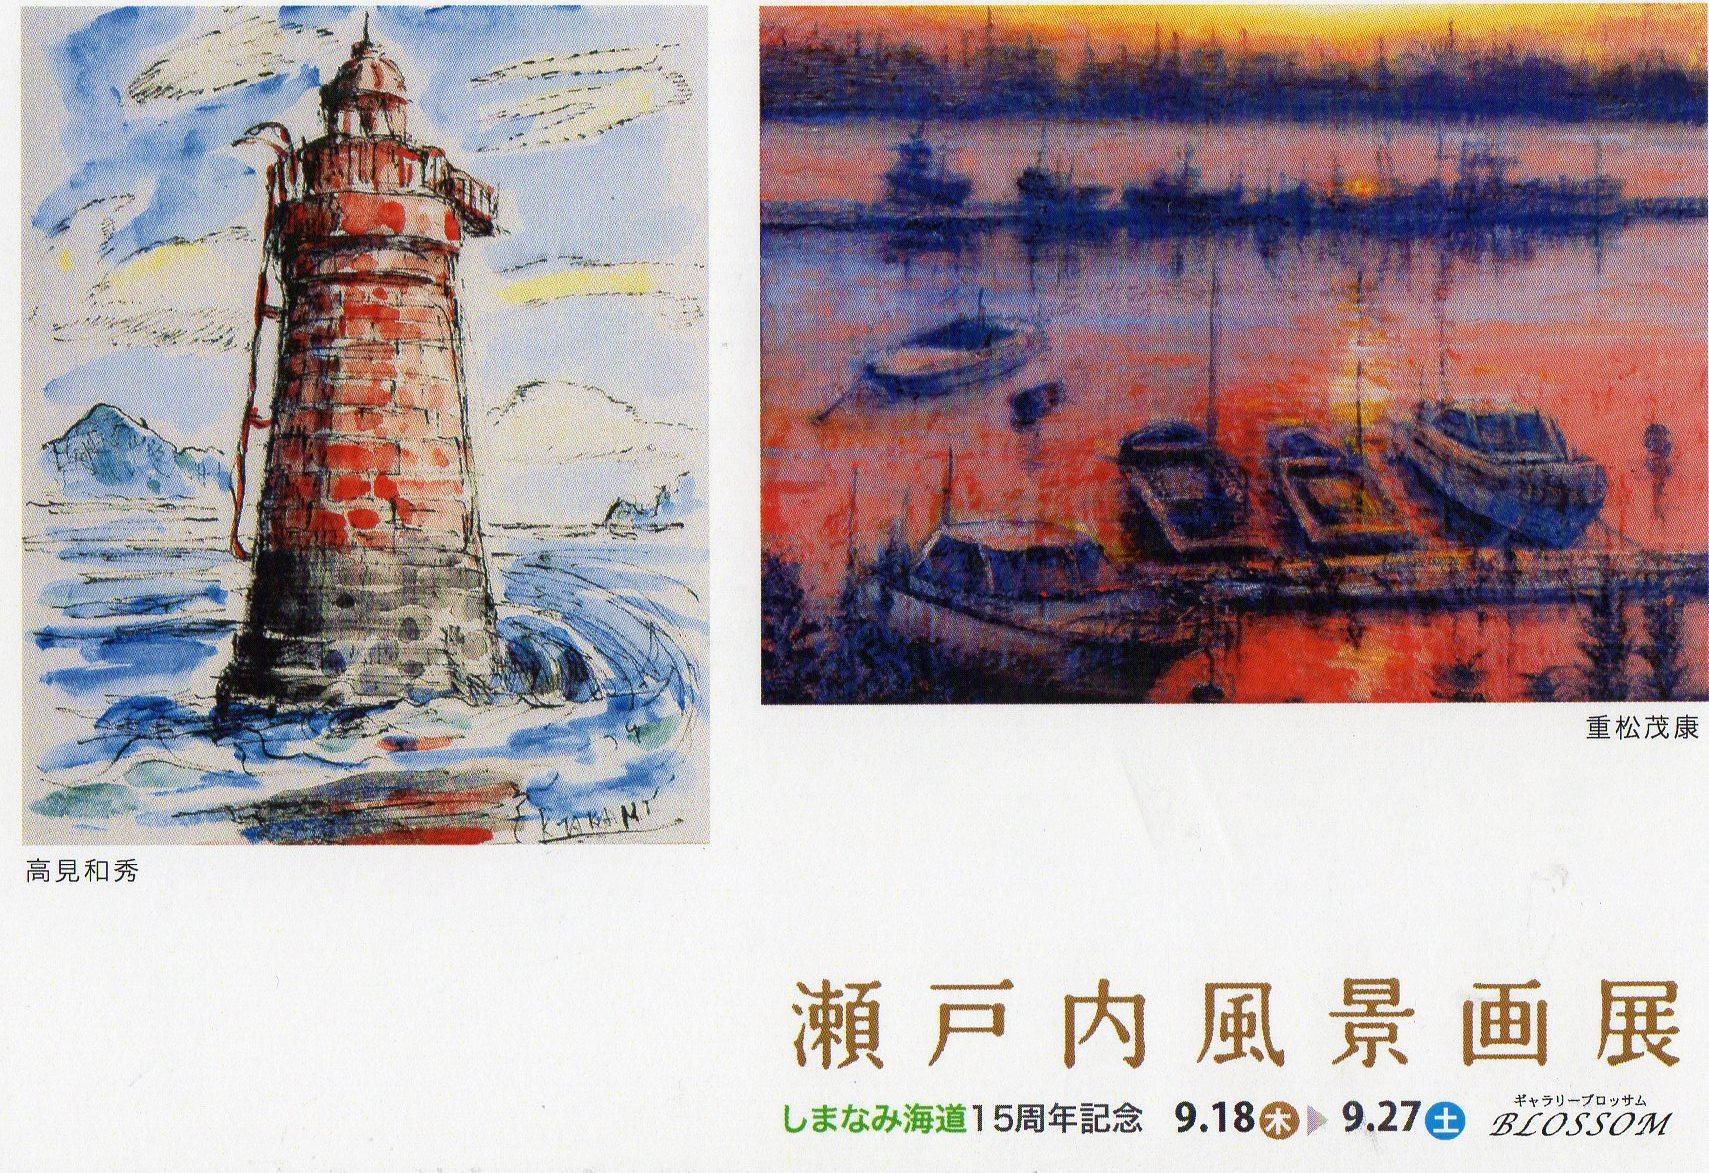 瀬戸内風景画展 ギャラリーブロッサム